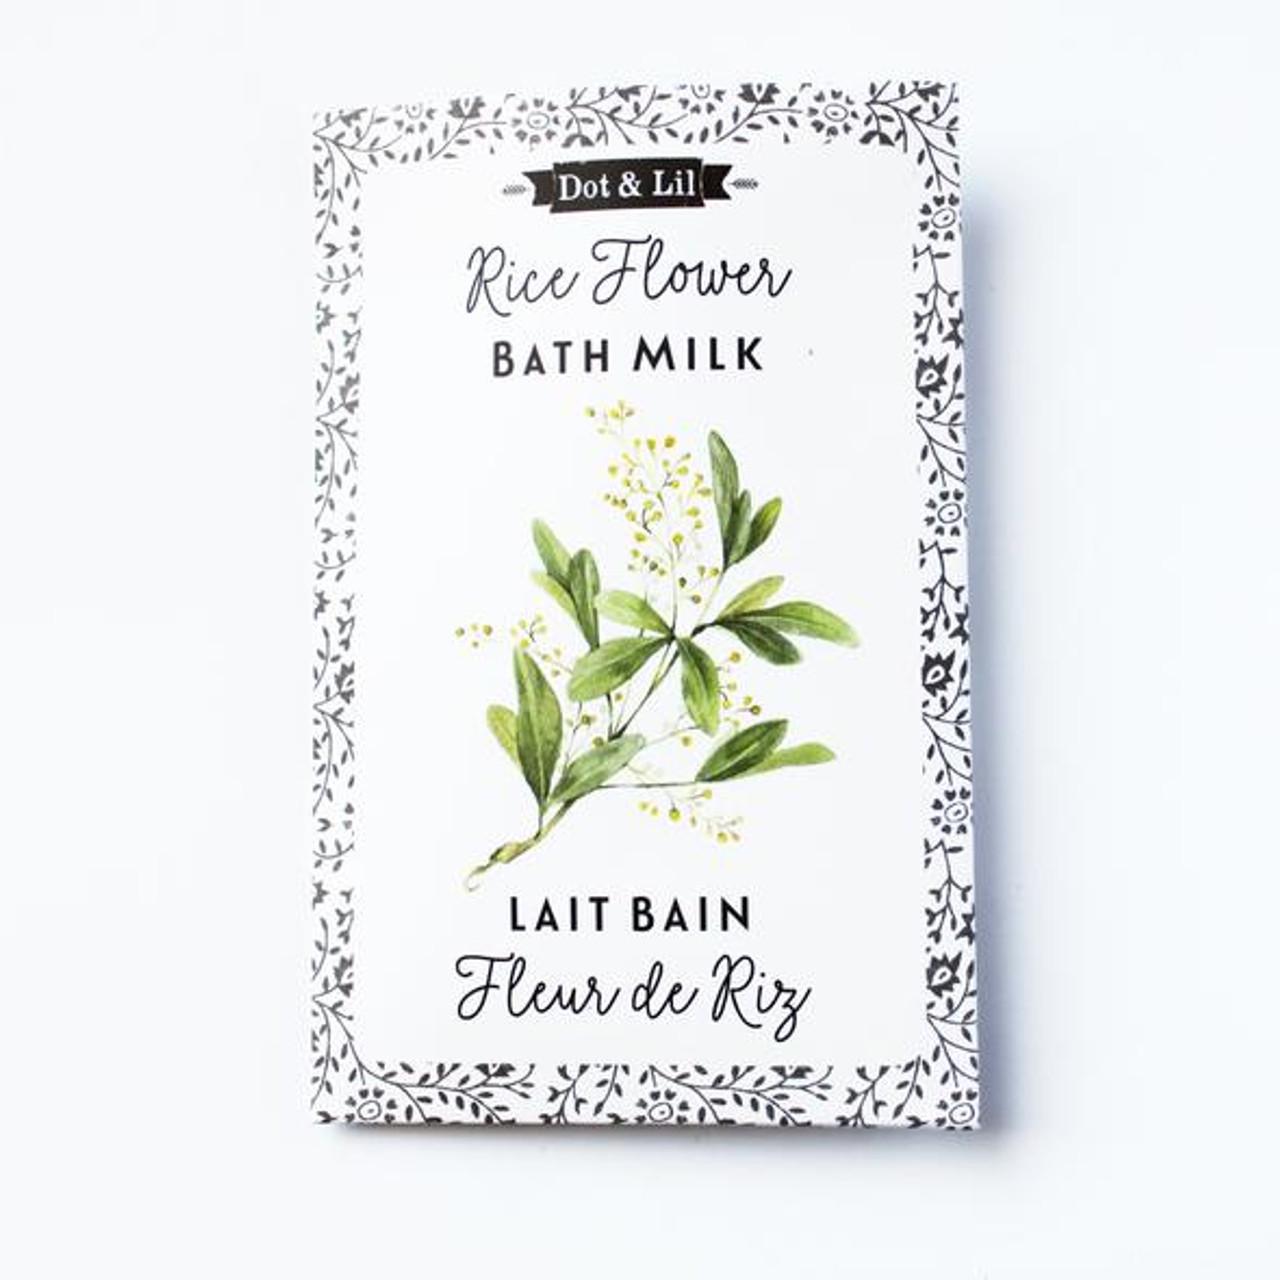 rice flower bath milk sachet